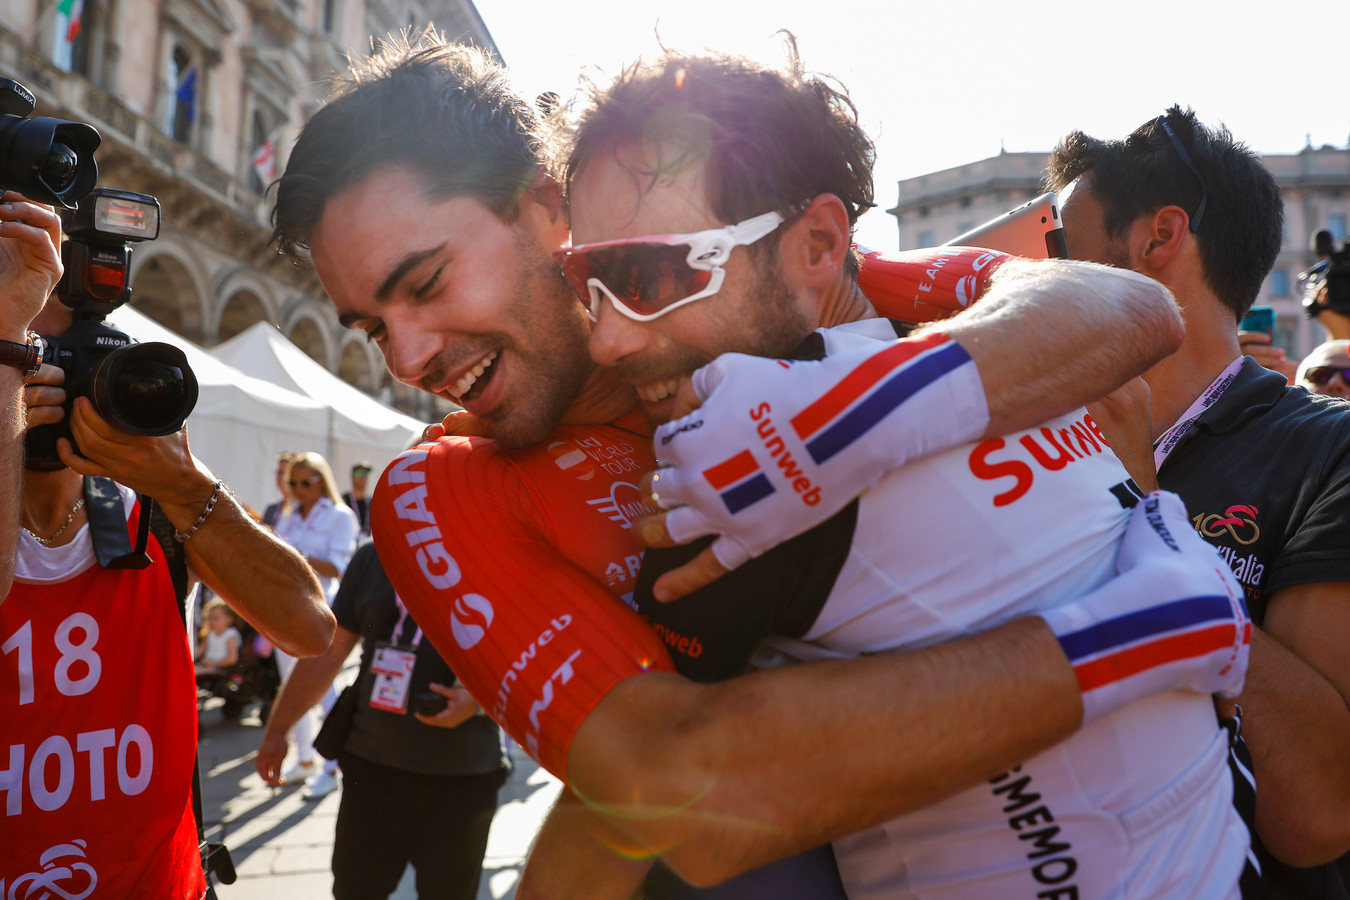 Tom Dumoulin viert zijn eindoverwinning in de Giro met ploeggenoot Laurens ten Dam.